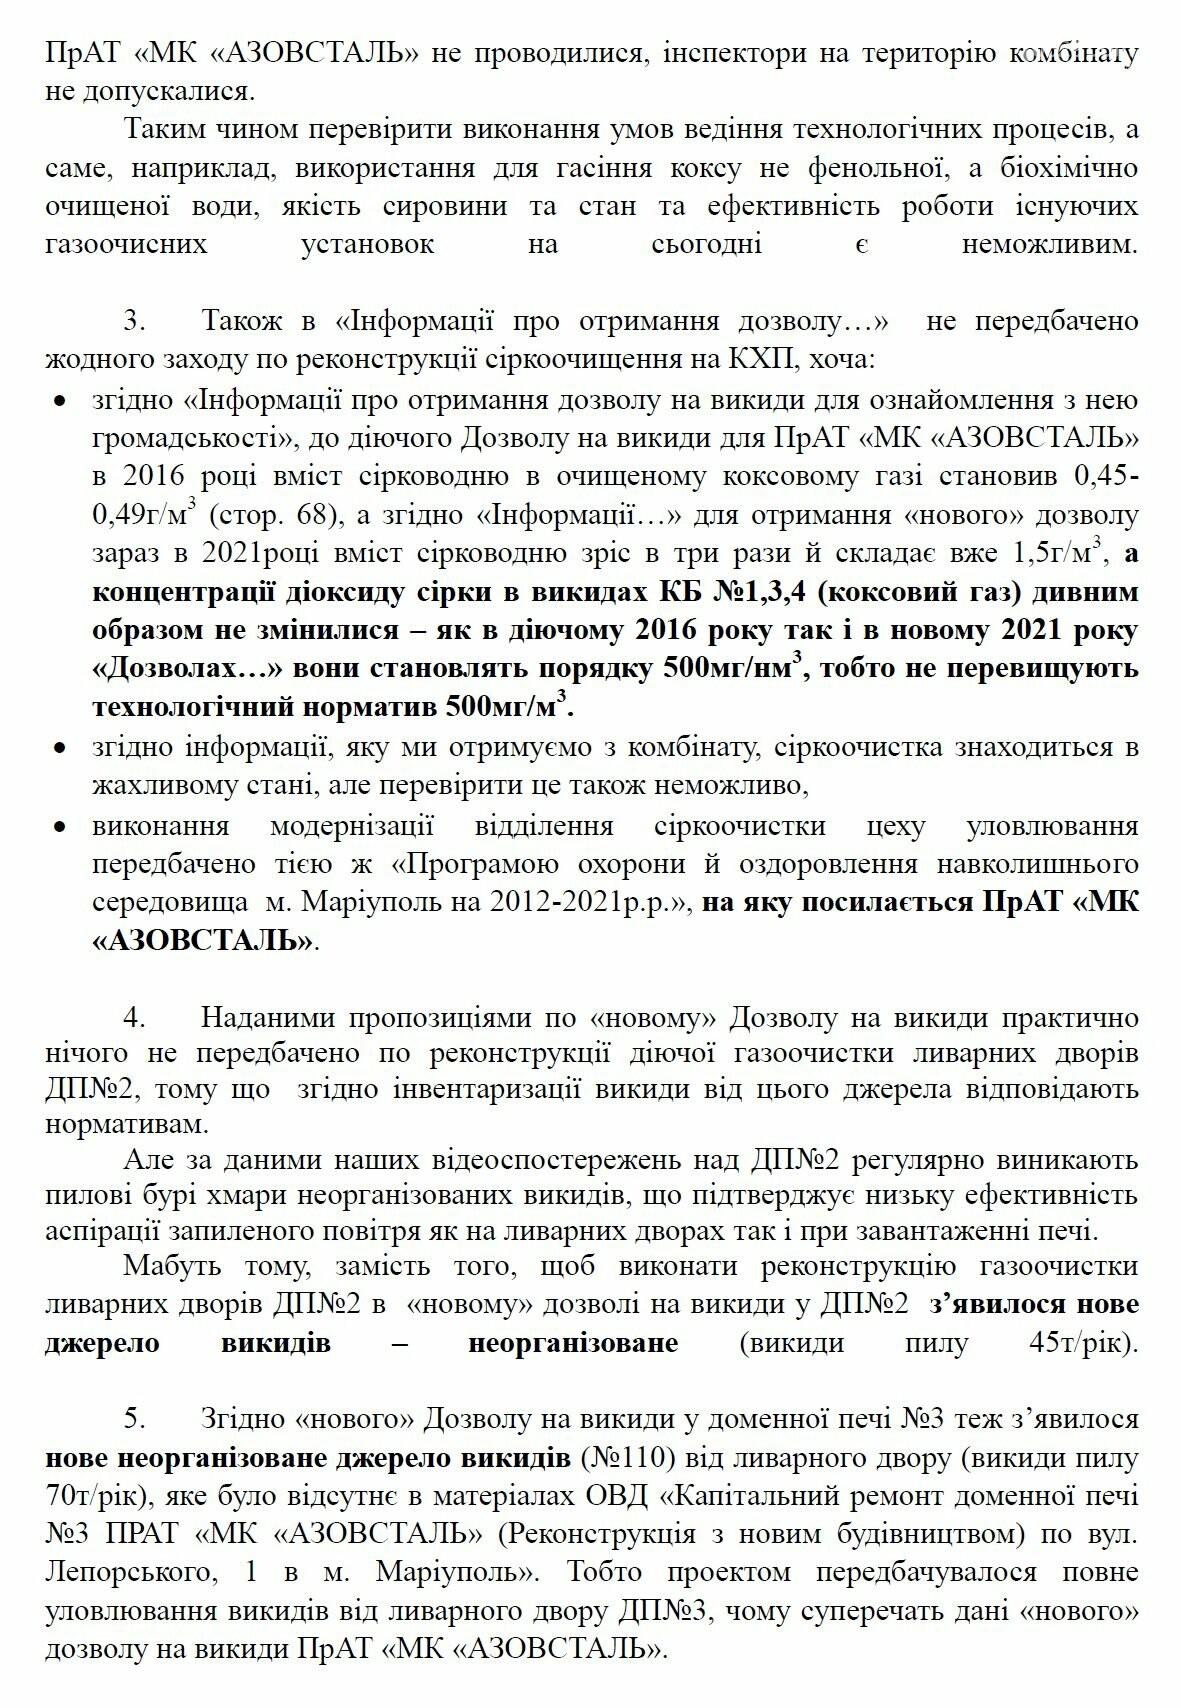 Экология SOS. «Азовсталь» хочет досрочно получить новые разрешения на выбросы, фото-3